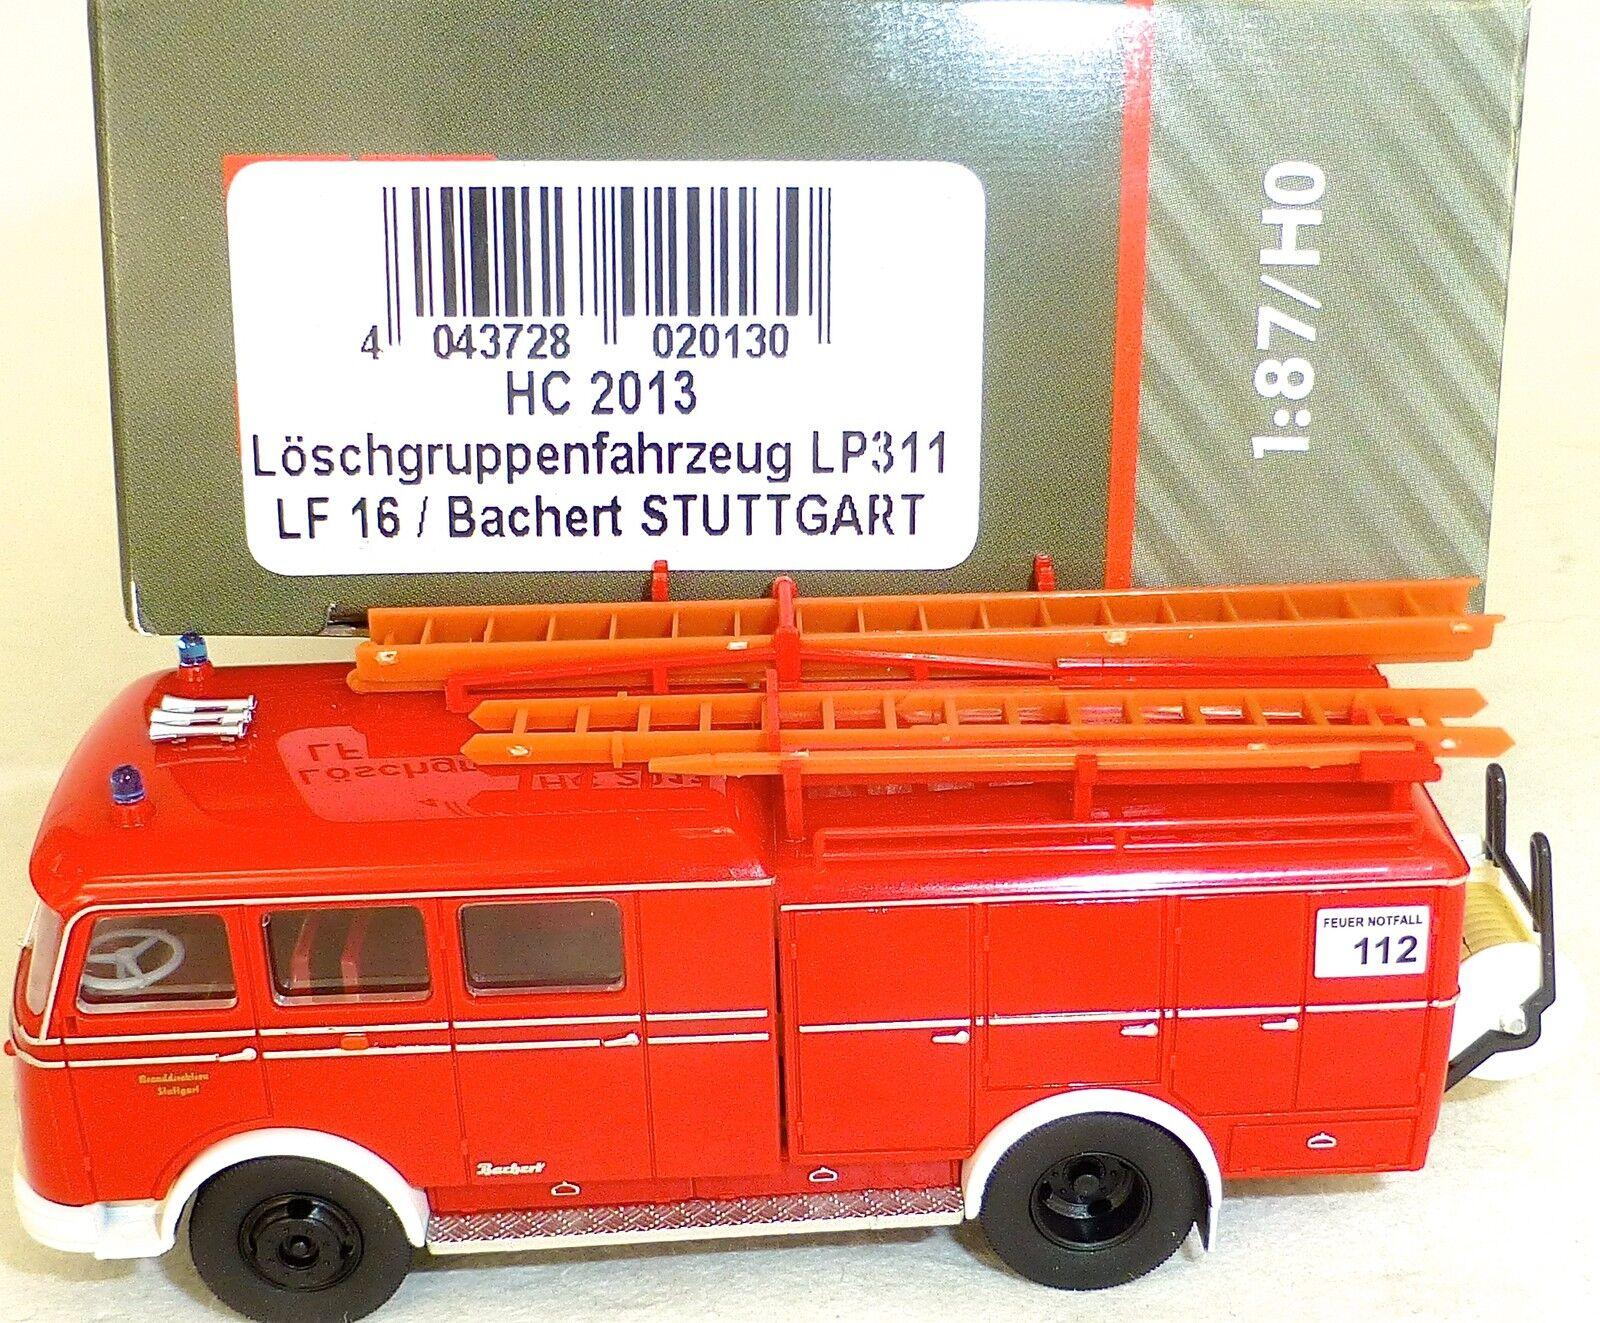 Disfruta de un 50% de descuento. Vehículo de Lucha Lucha Lucha contra el Fuego Lp311 Lf16 Bachert Stuttgart Heico Hc2013  seguro de calidad